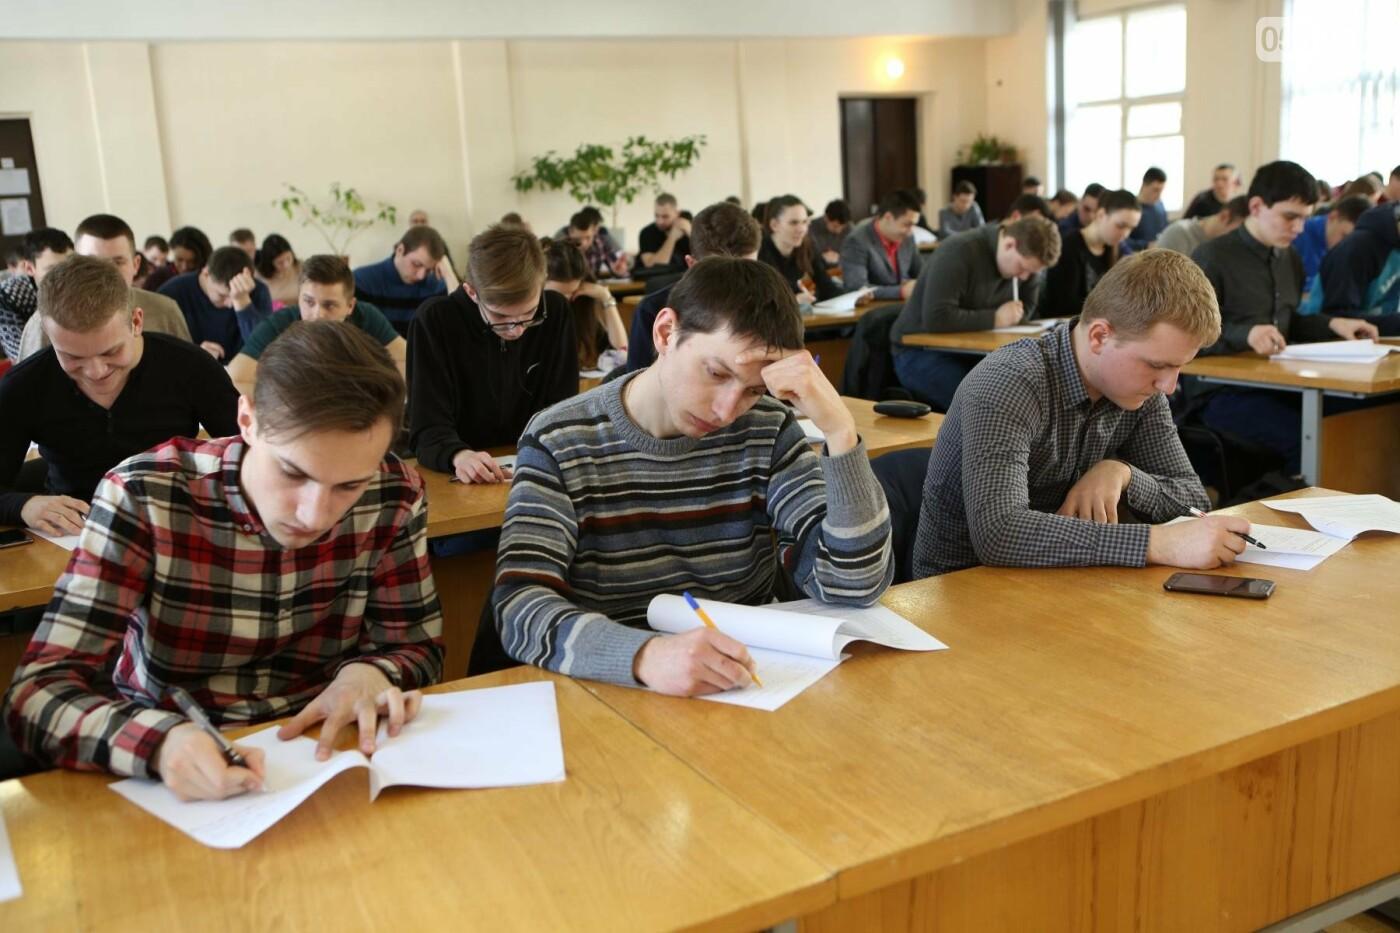 Борис Колесников и студенты из Днипра провели встречу в рамках конкурса «Железнодорожник», фото-4